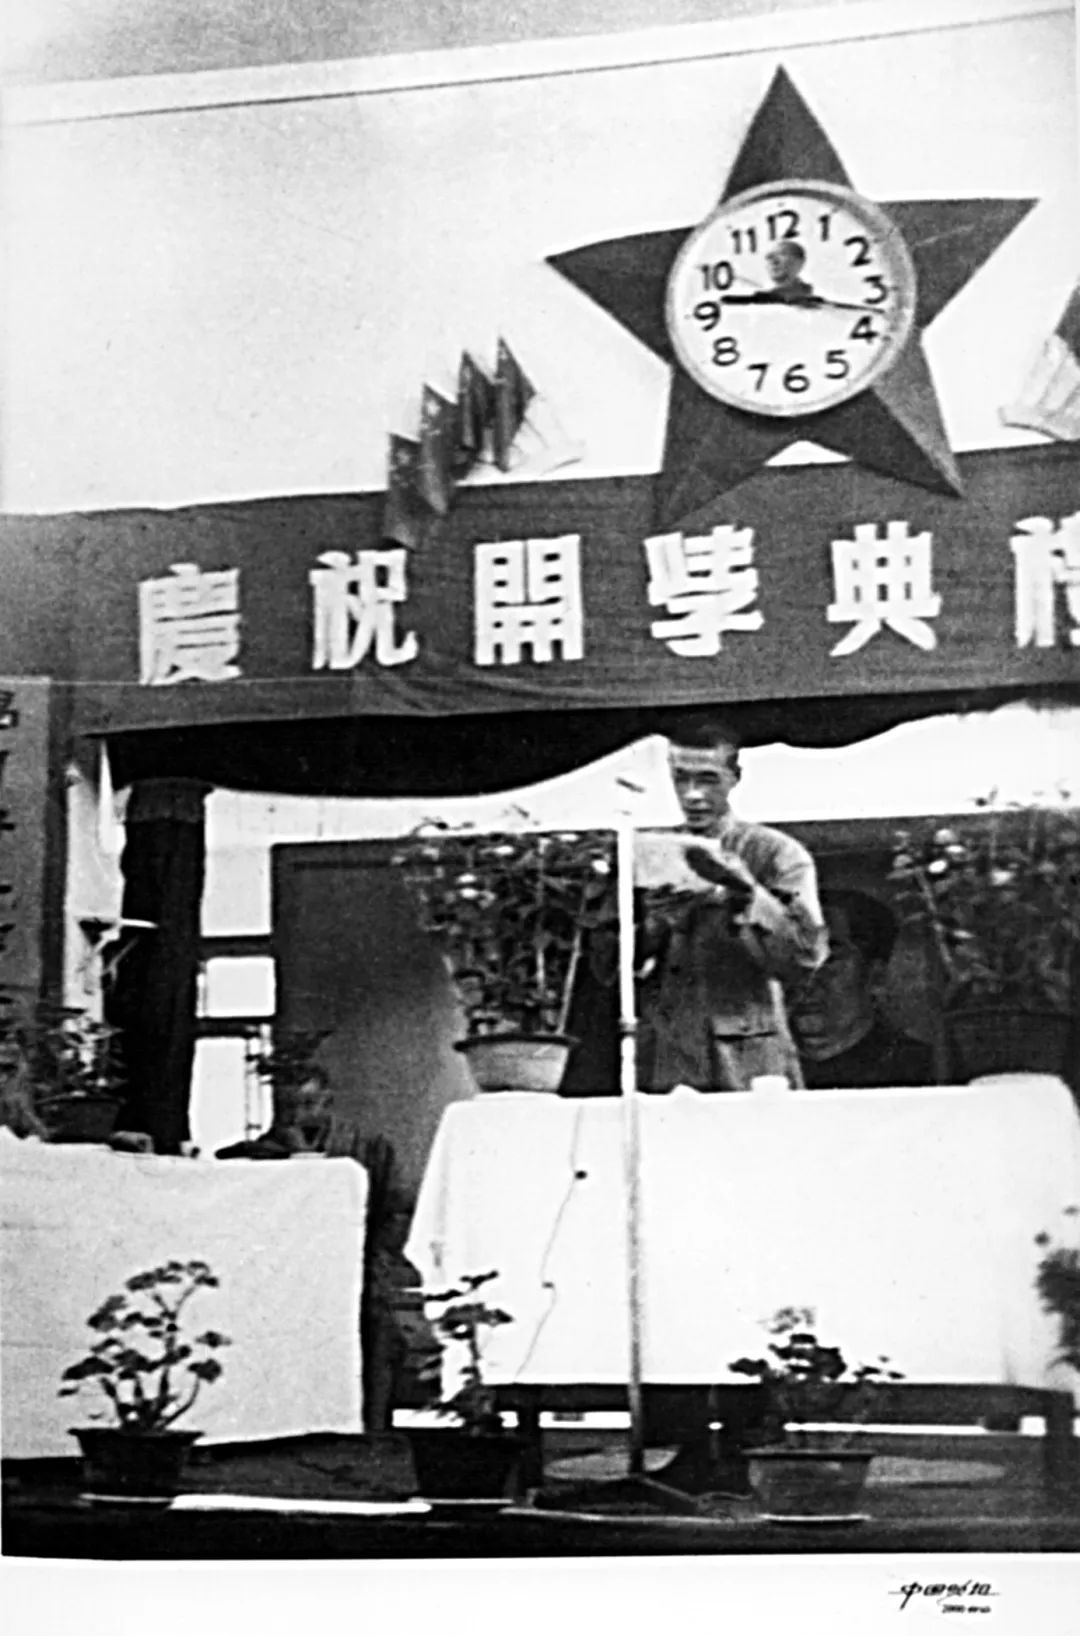 【回顾】那些难忘的人和事 | 建校之初的贸大(1951-1960)